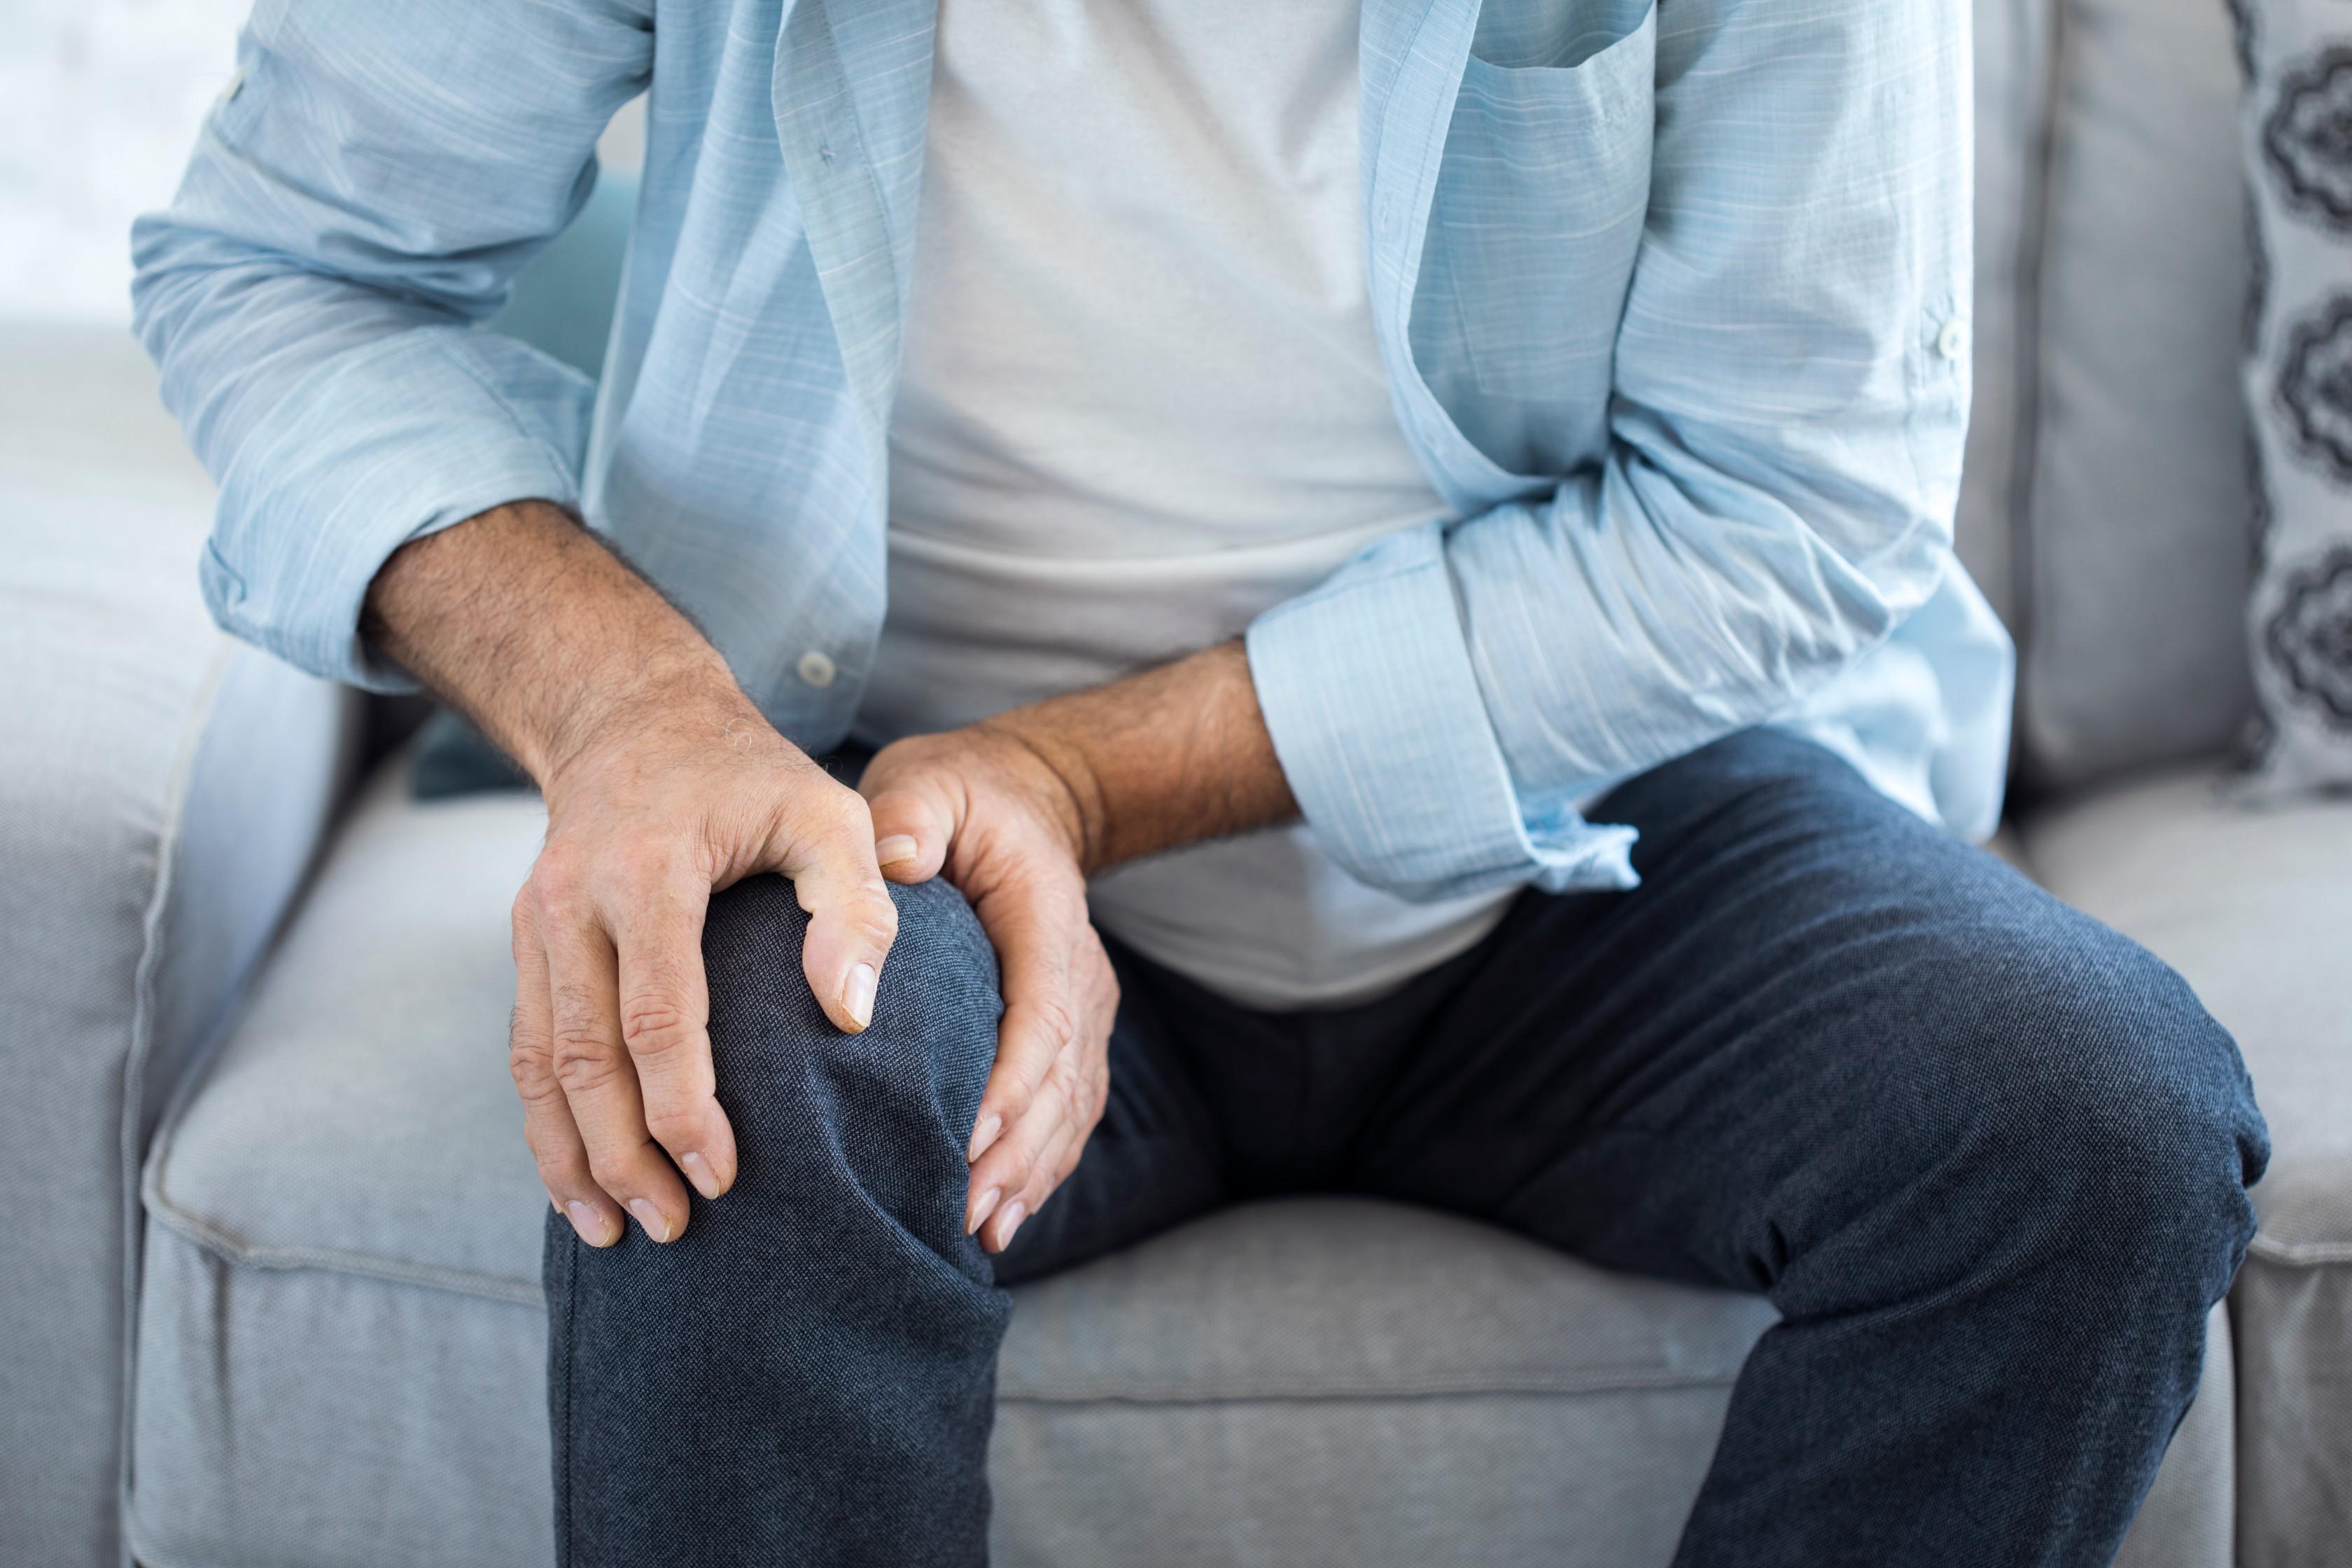 hogyan lehet kezelni az ízületi fájdalmakat fájdalom a bal lábban az ízületben